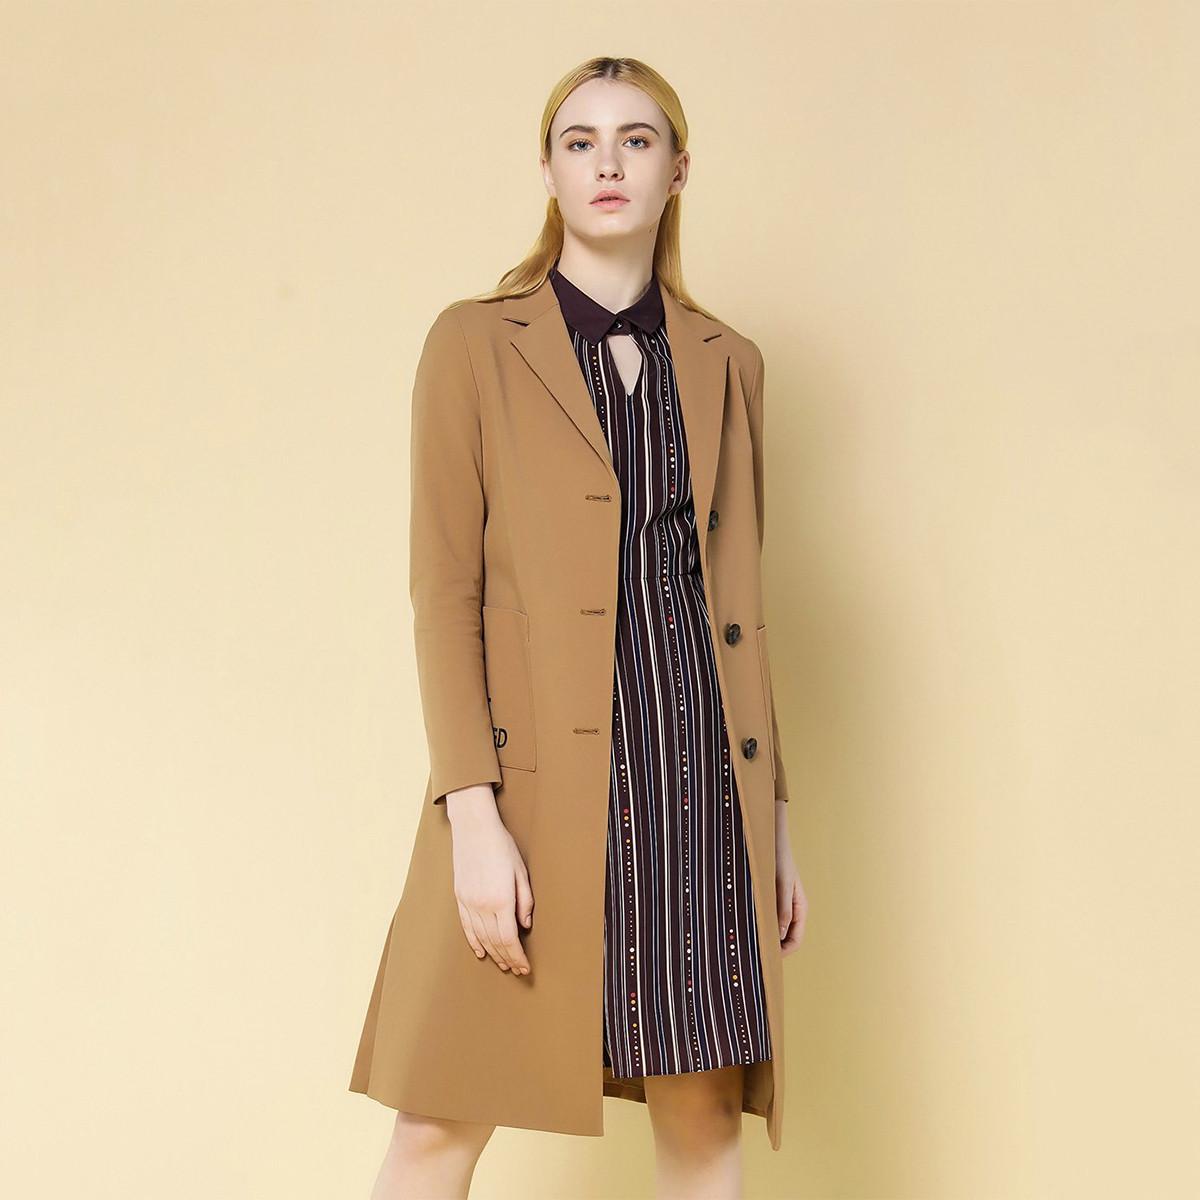 娜尔思娜尔思冬季新款女装长袖中长款时尚优雅外套风衣防寒服S1AGG17150K